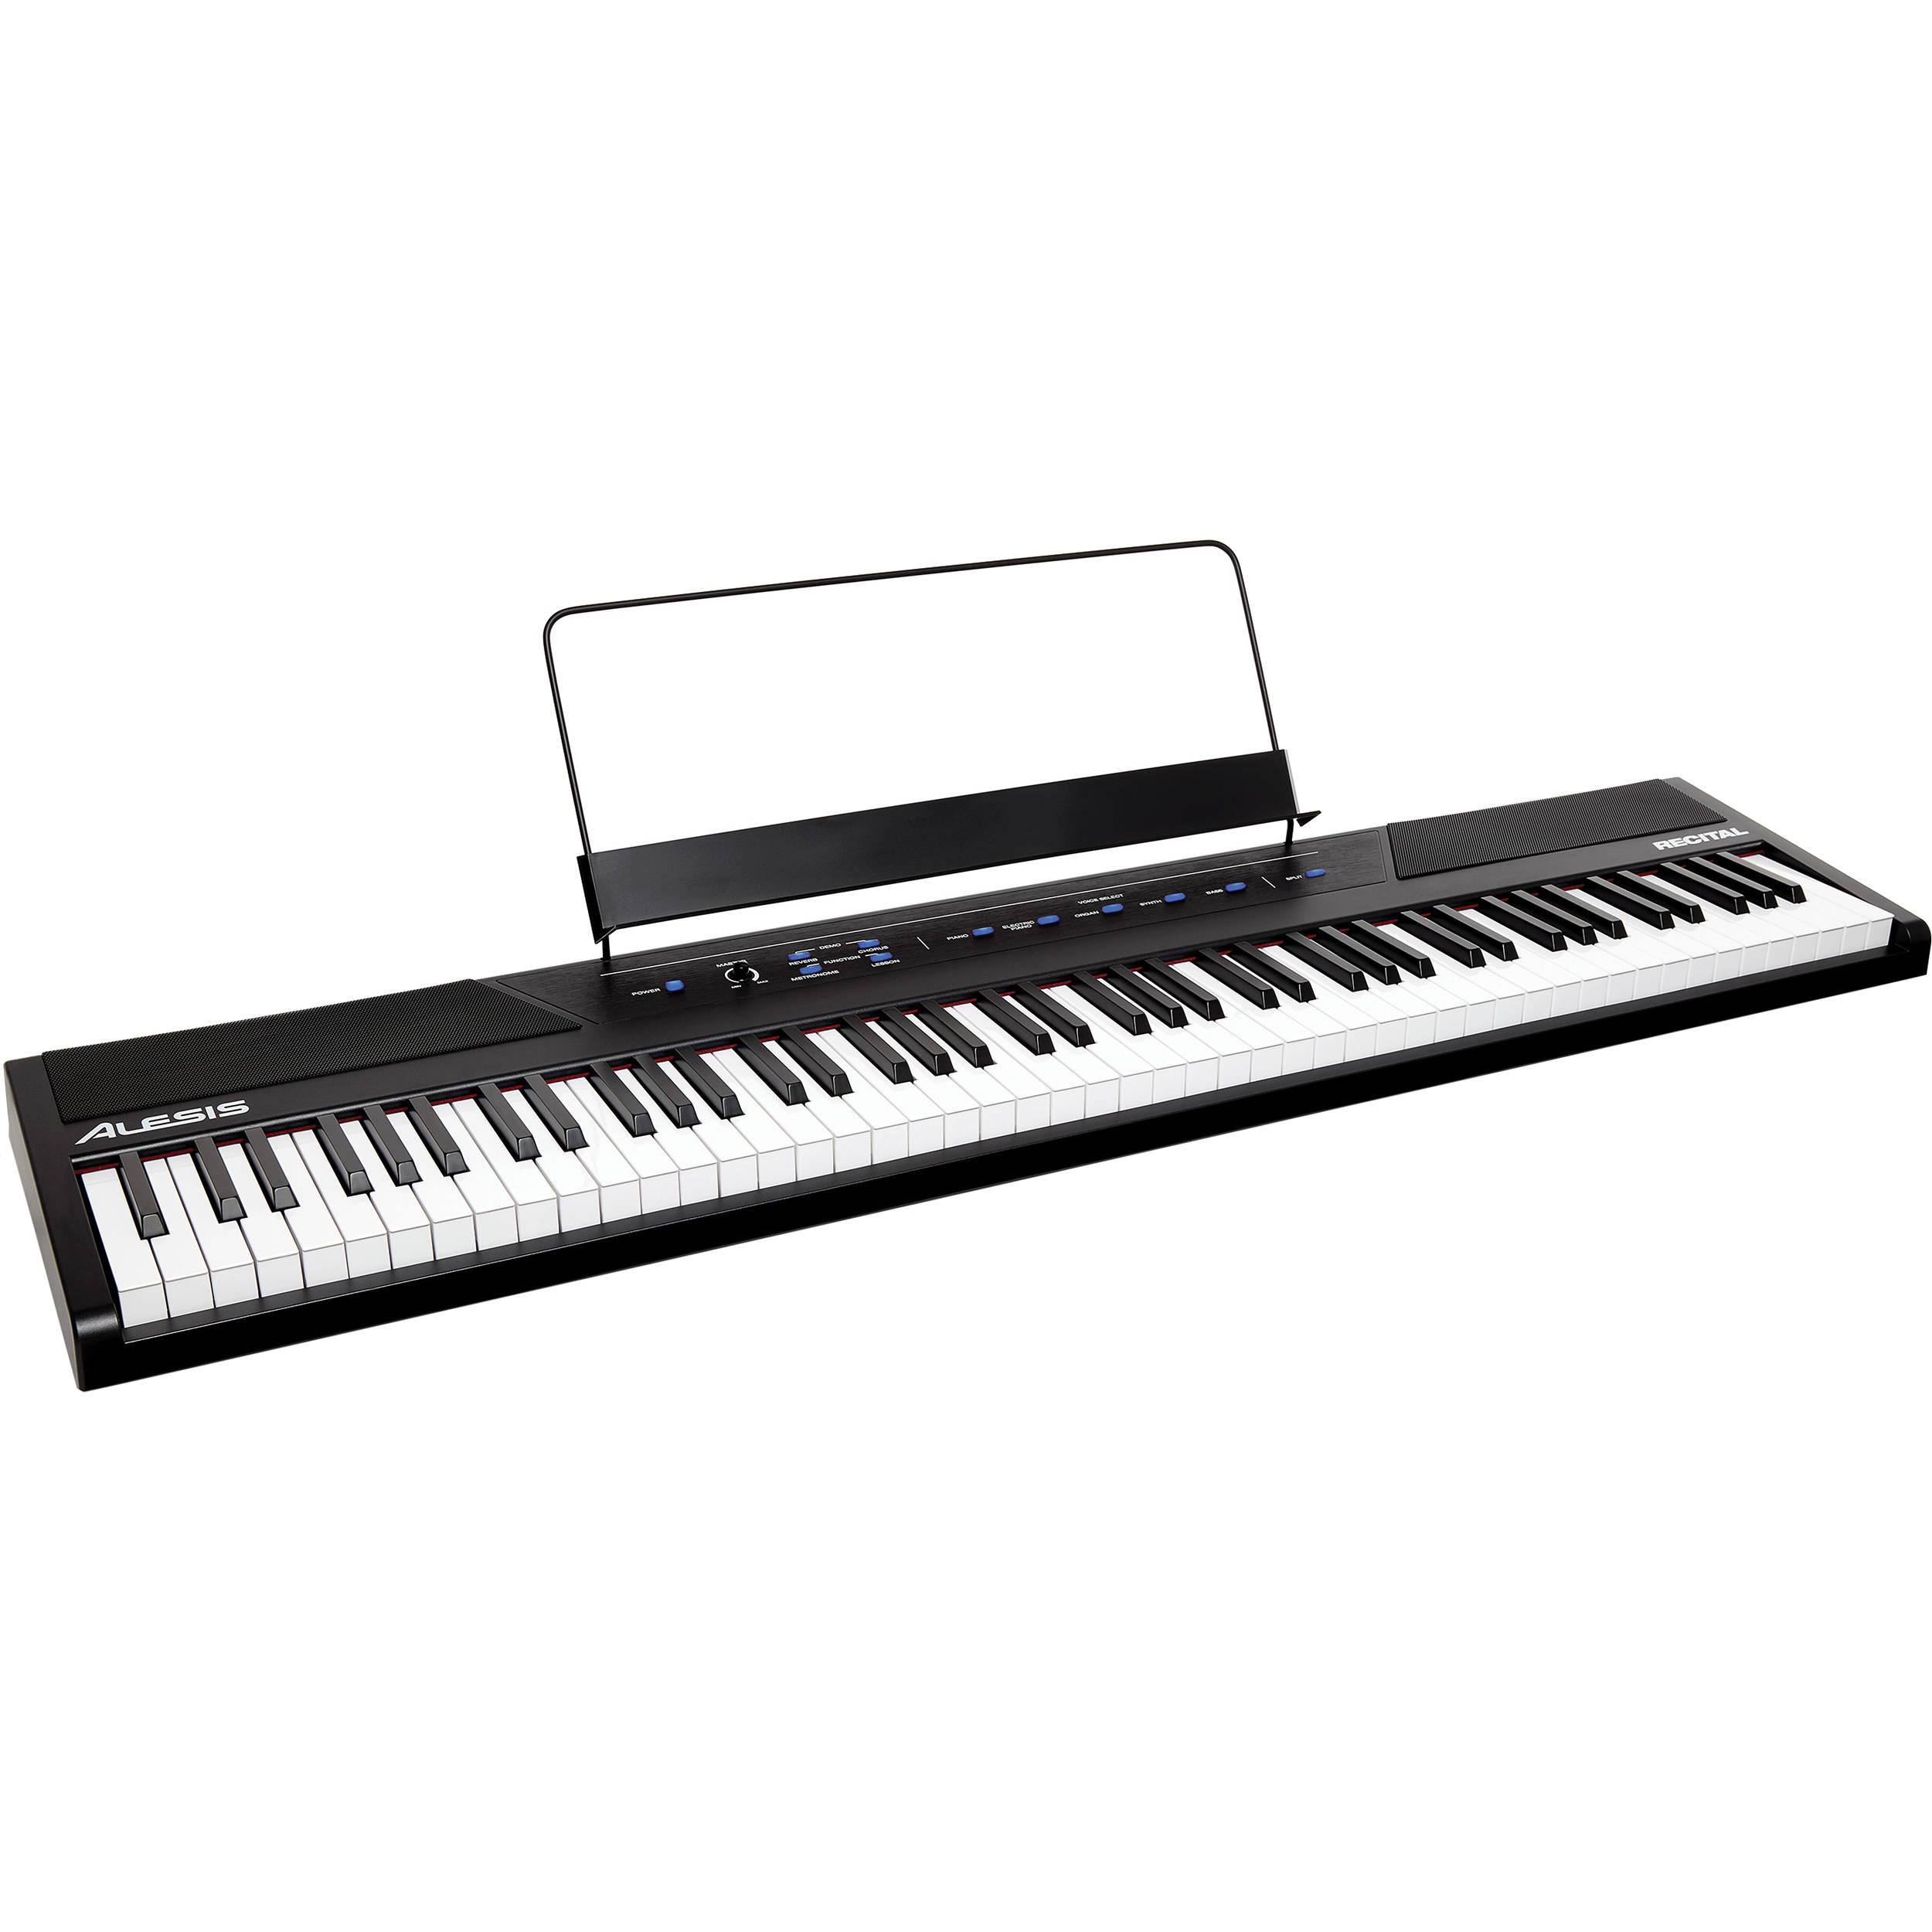 Digital Piano Weighted 88 Keys : alesis recital 88 key digital piano with full sized keys recital ~ Russianpoet.info Haus und Dekorationen